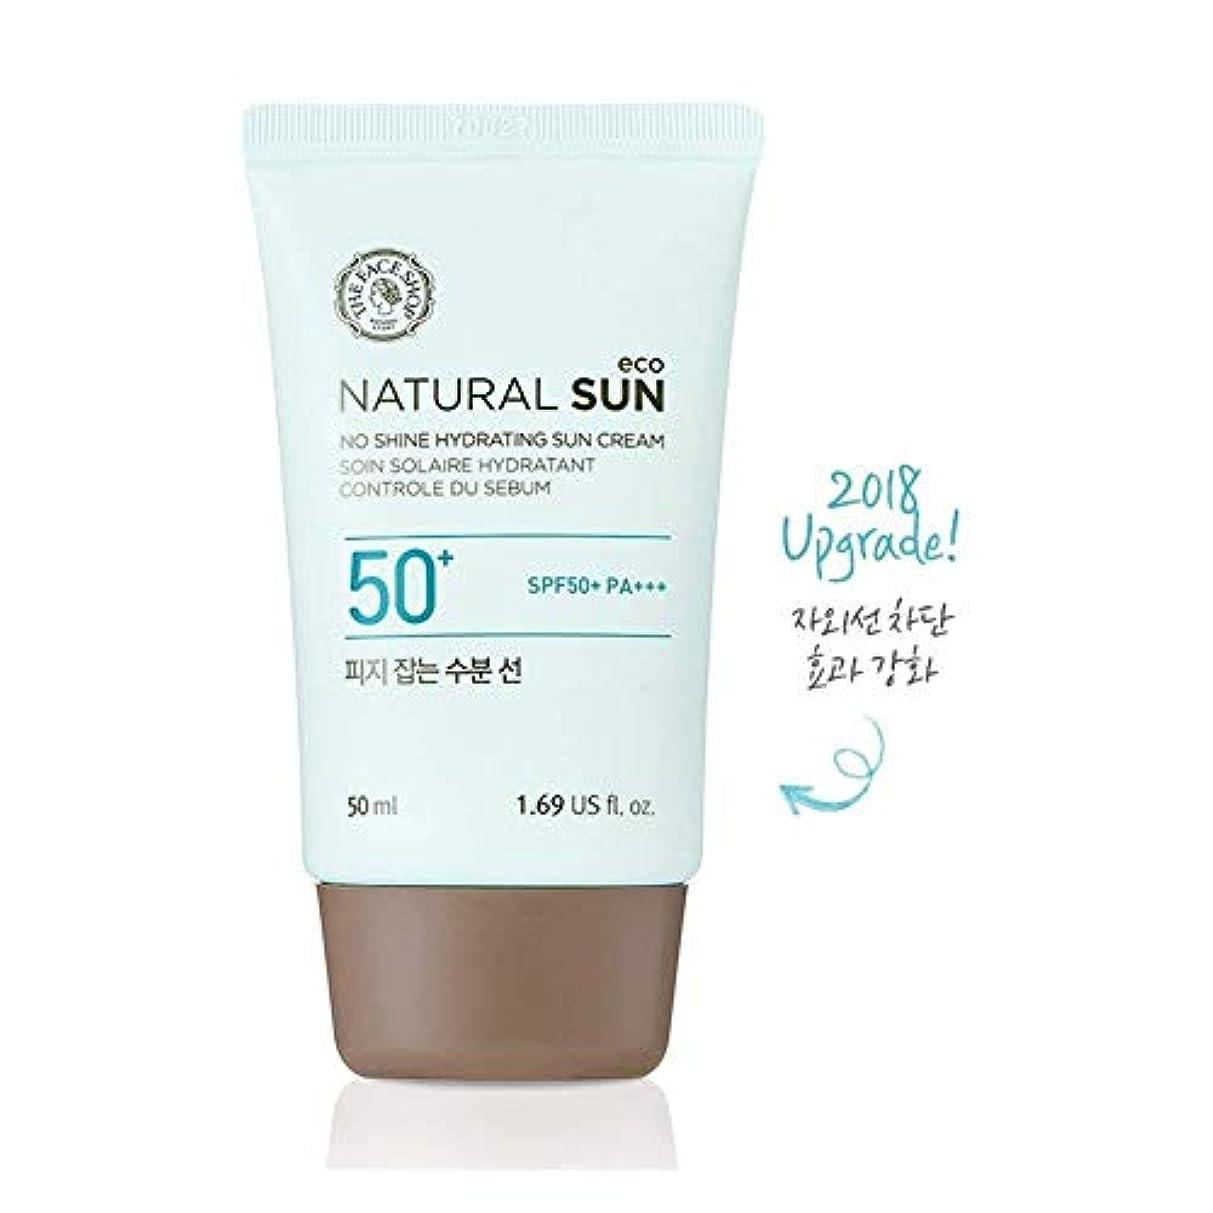 美容師試みる慈悲深いザ?フェイスショップ ネチュロルソンエコフィジーサン?クリーム SPF50+PA+++50ml 韓国コスメ、The Face Shop Natural Sun Eco No Shine Hydrating Sun Cream...